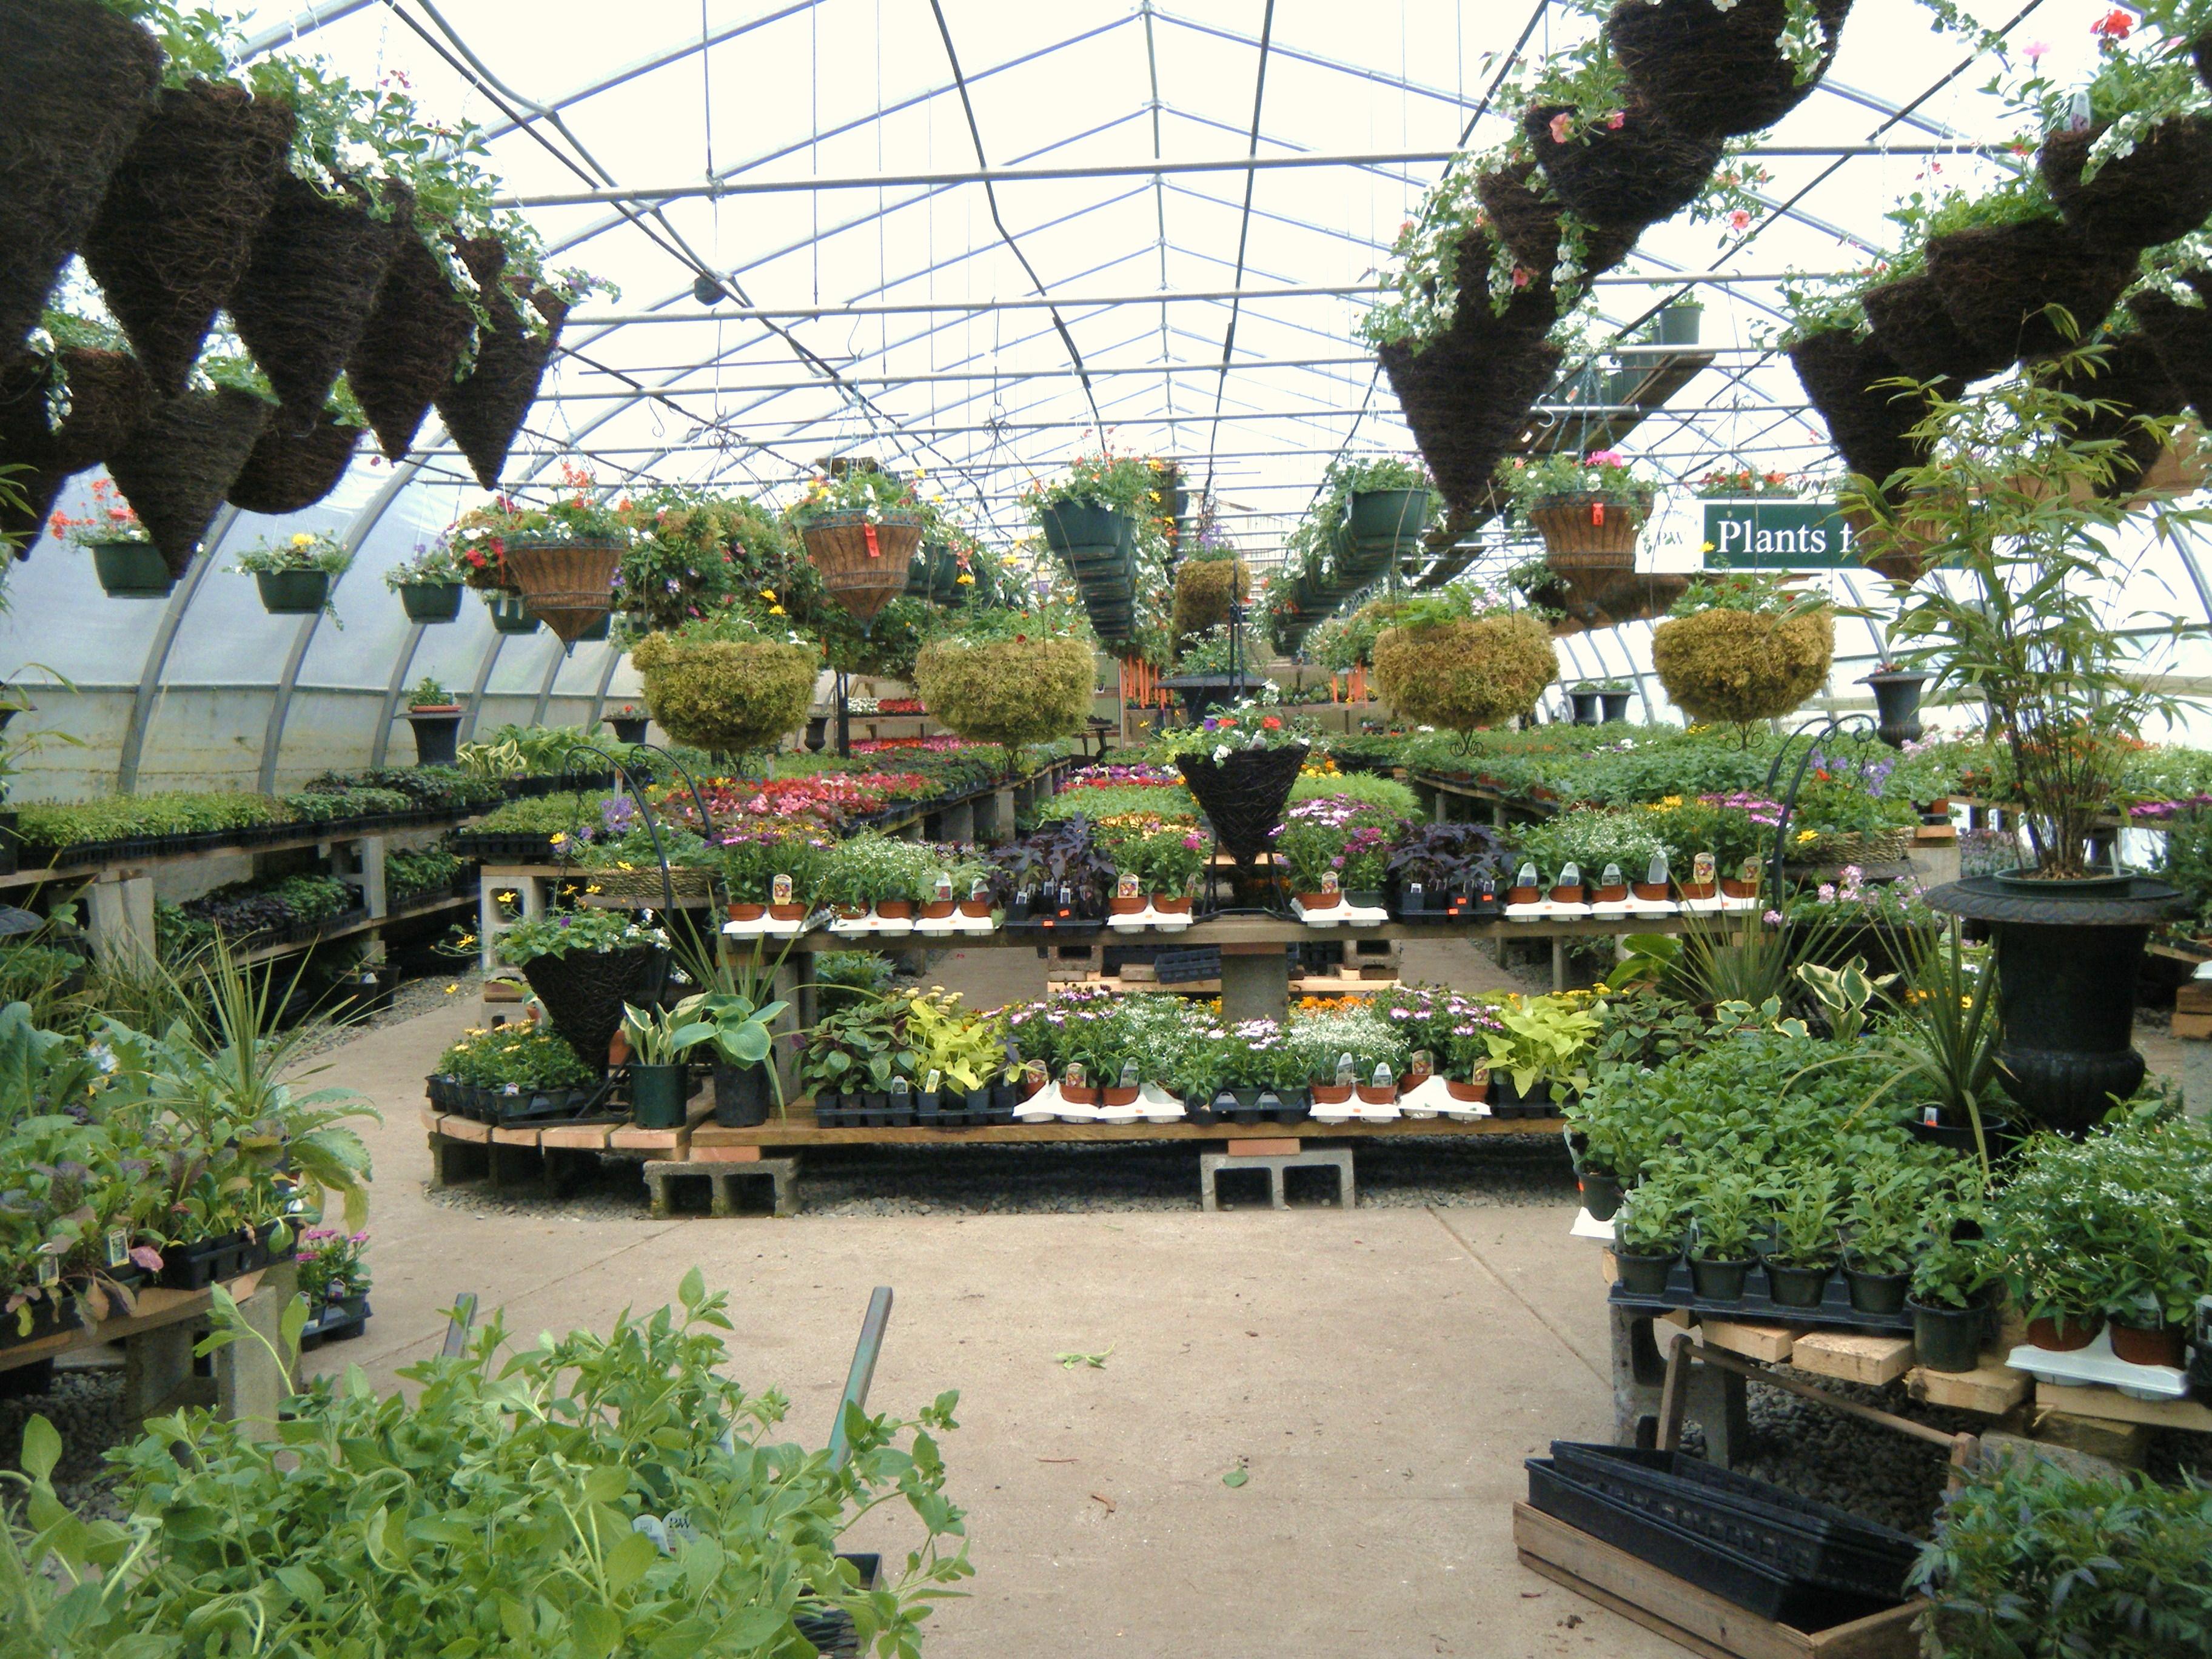 Garden Centre: Hortophile – My New Garden